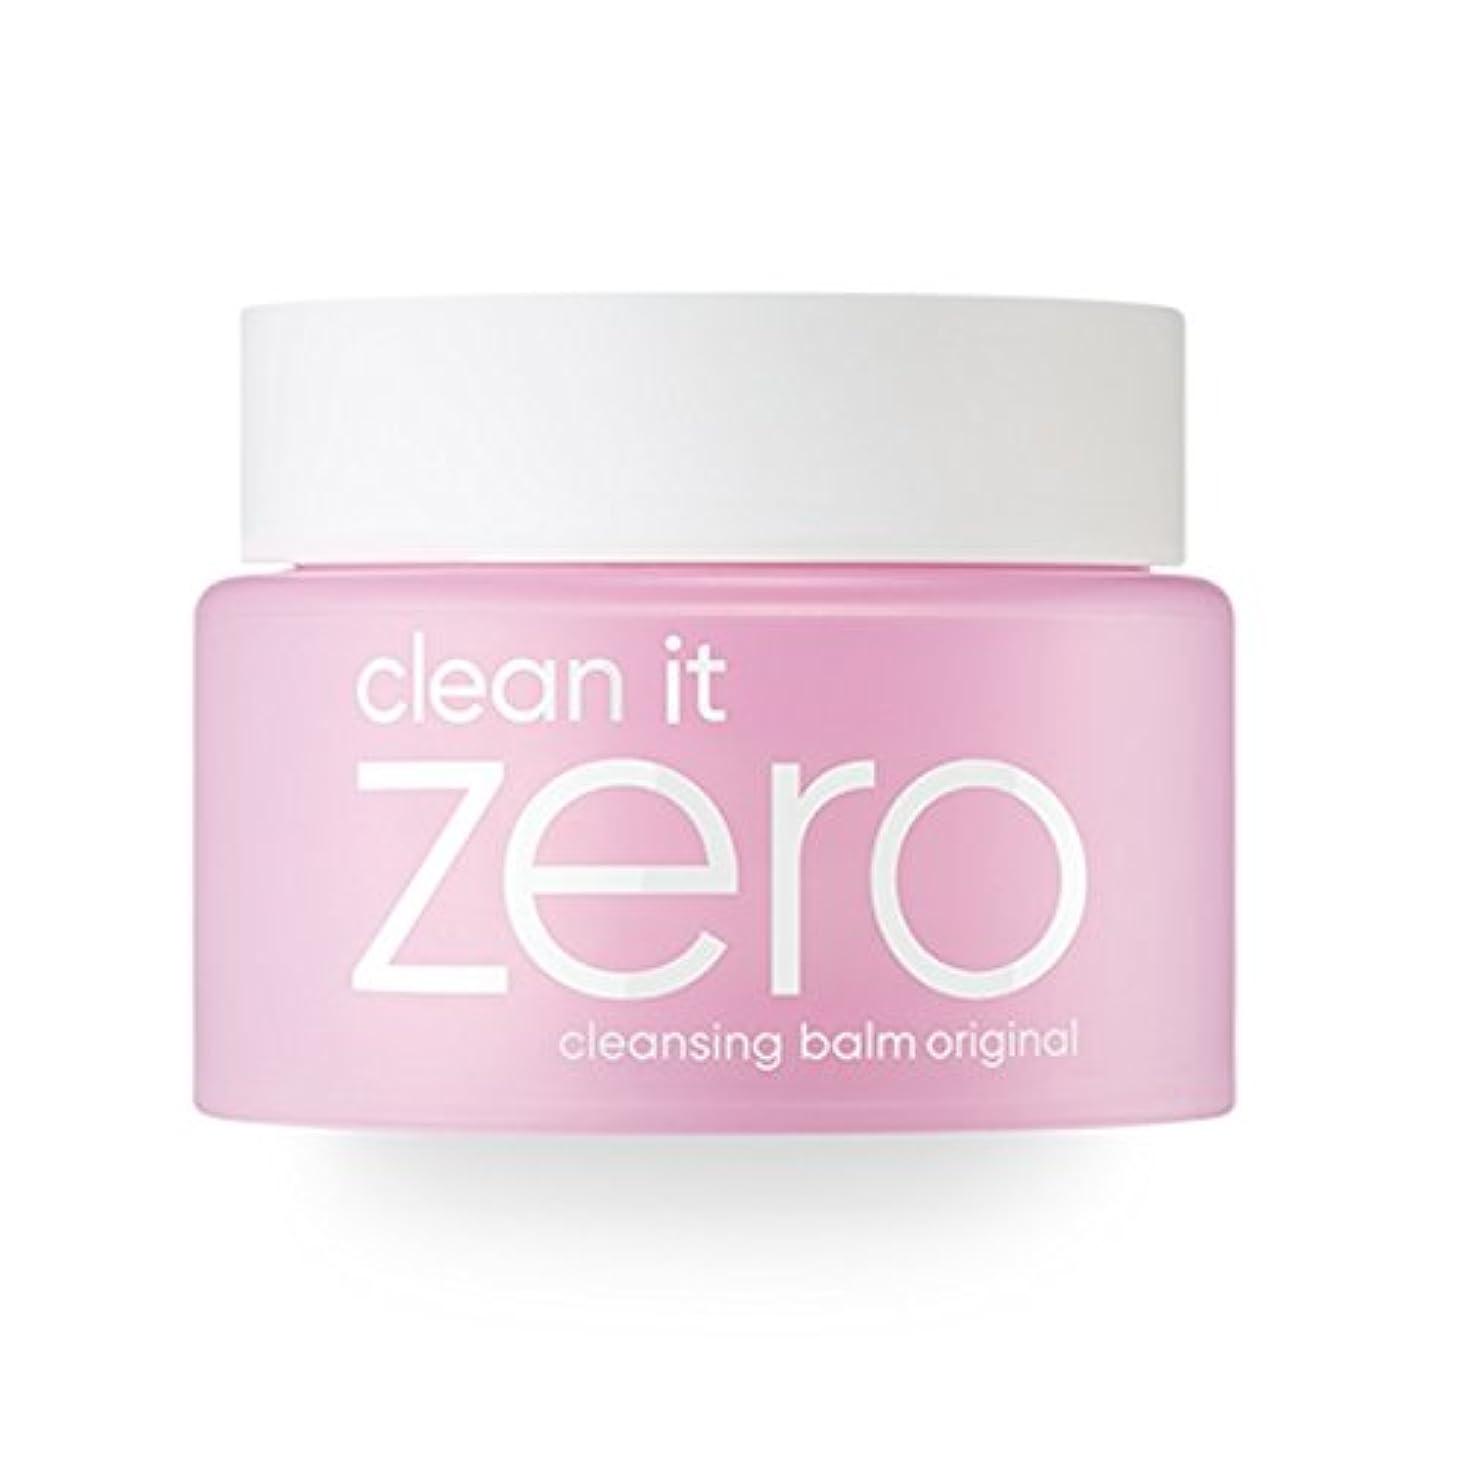 ドアミラー仲人下にBanila.co クリーン イット ゼロ クレンジングバーム オリジナル / Clean it Zero Cleansing Balm Original (100ml)